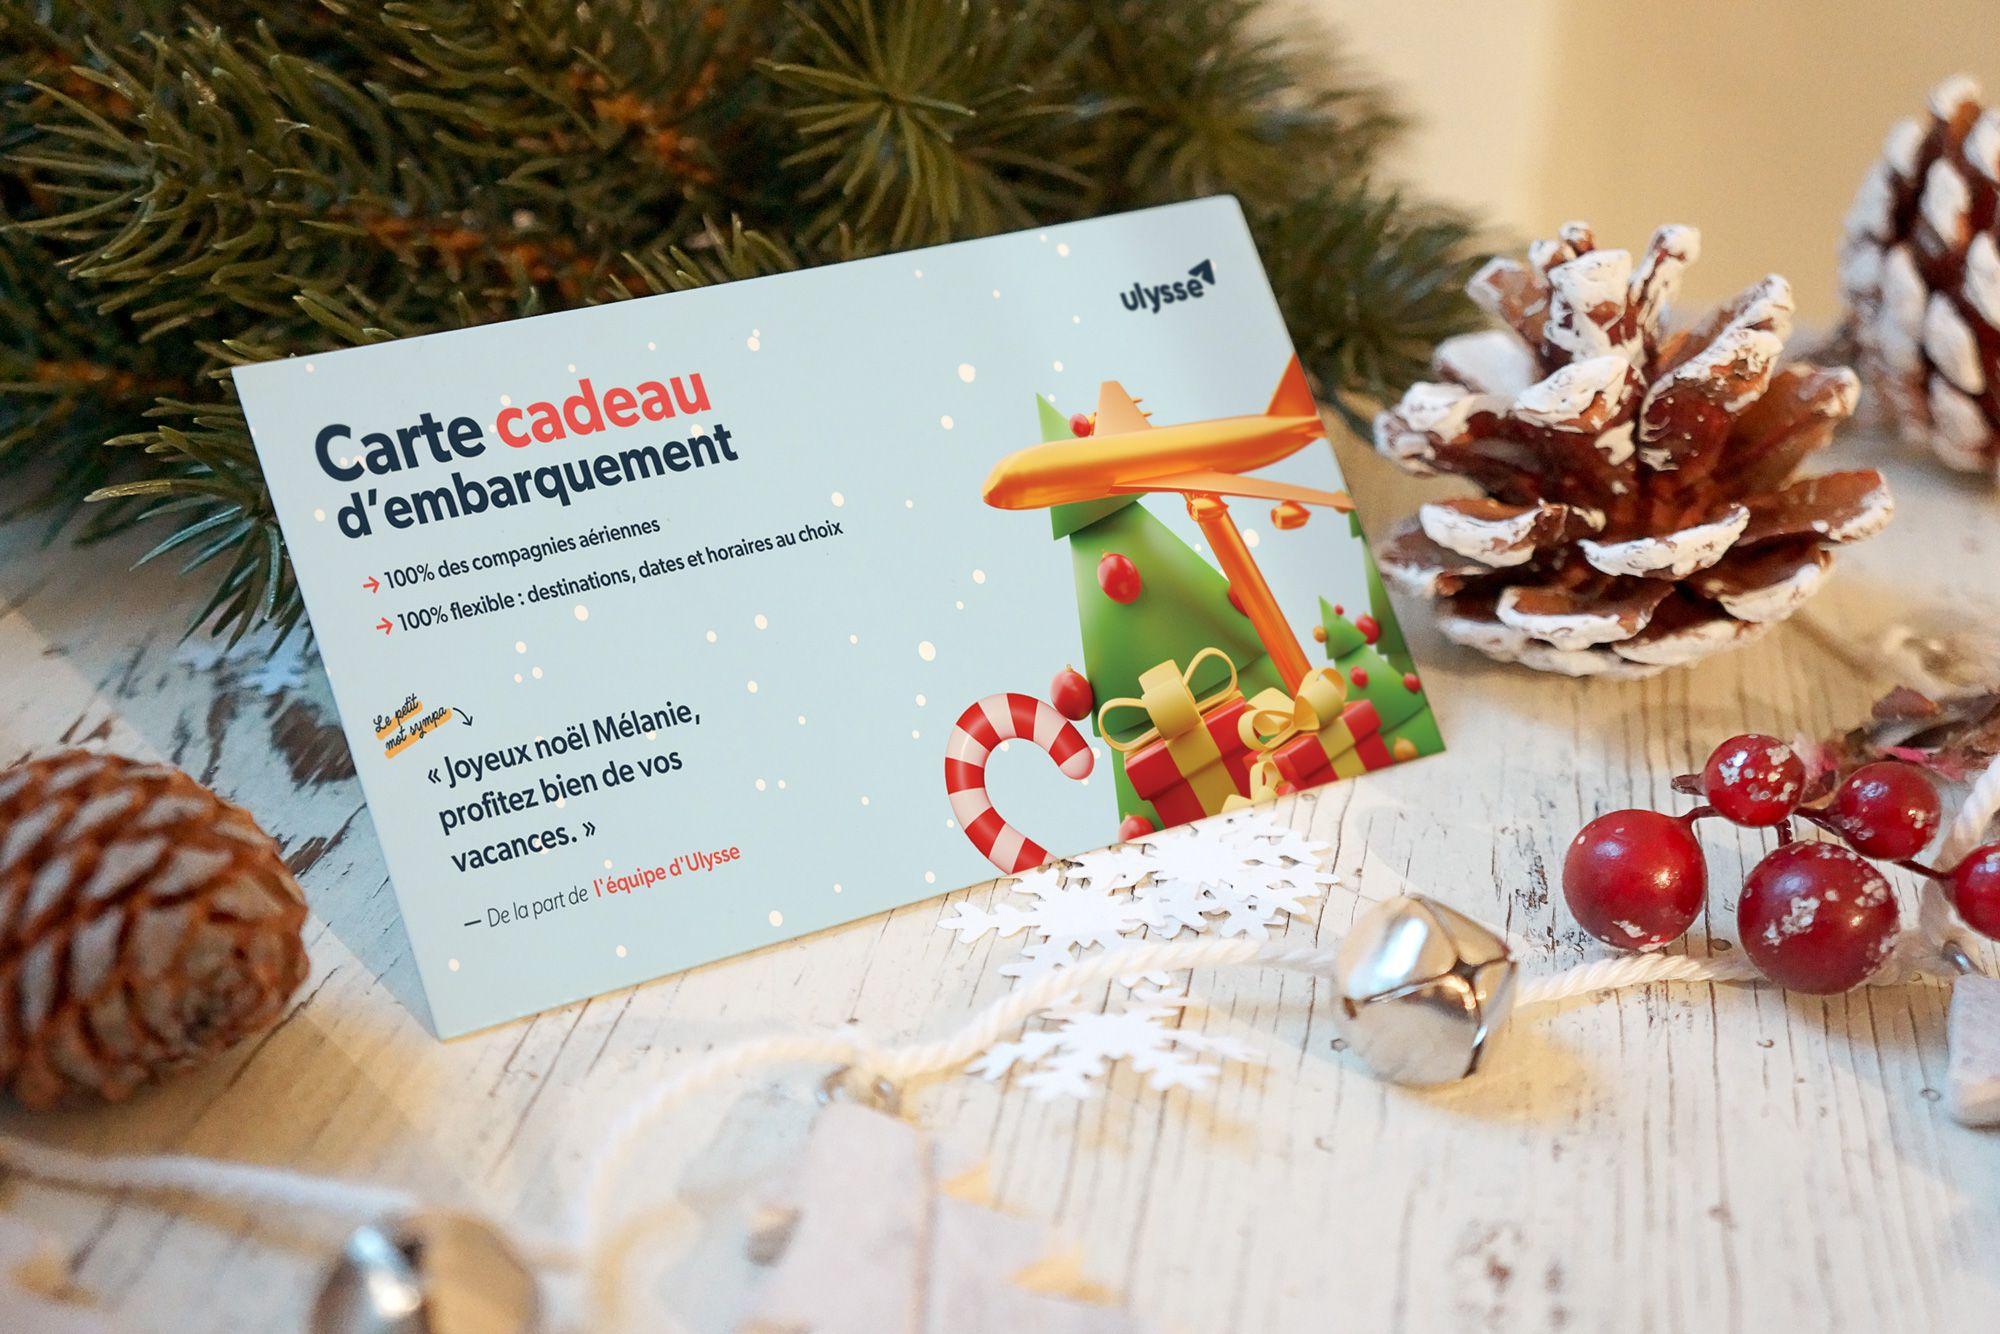 Carte cadeau de Noël Ulysse posée sur une table entourée de décorations de noël